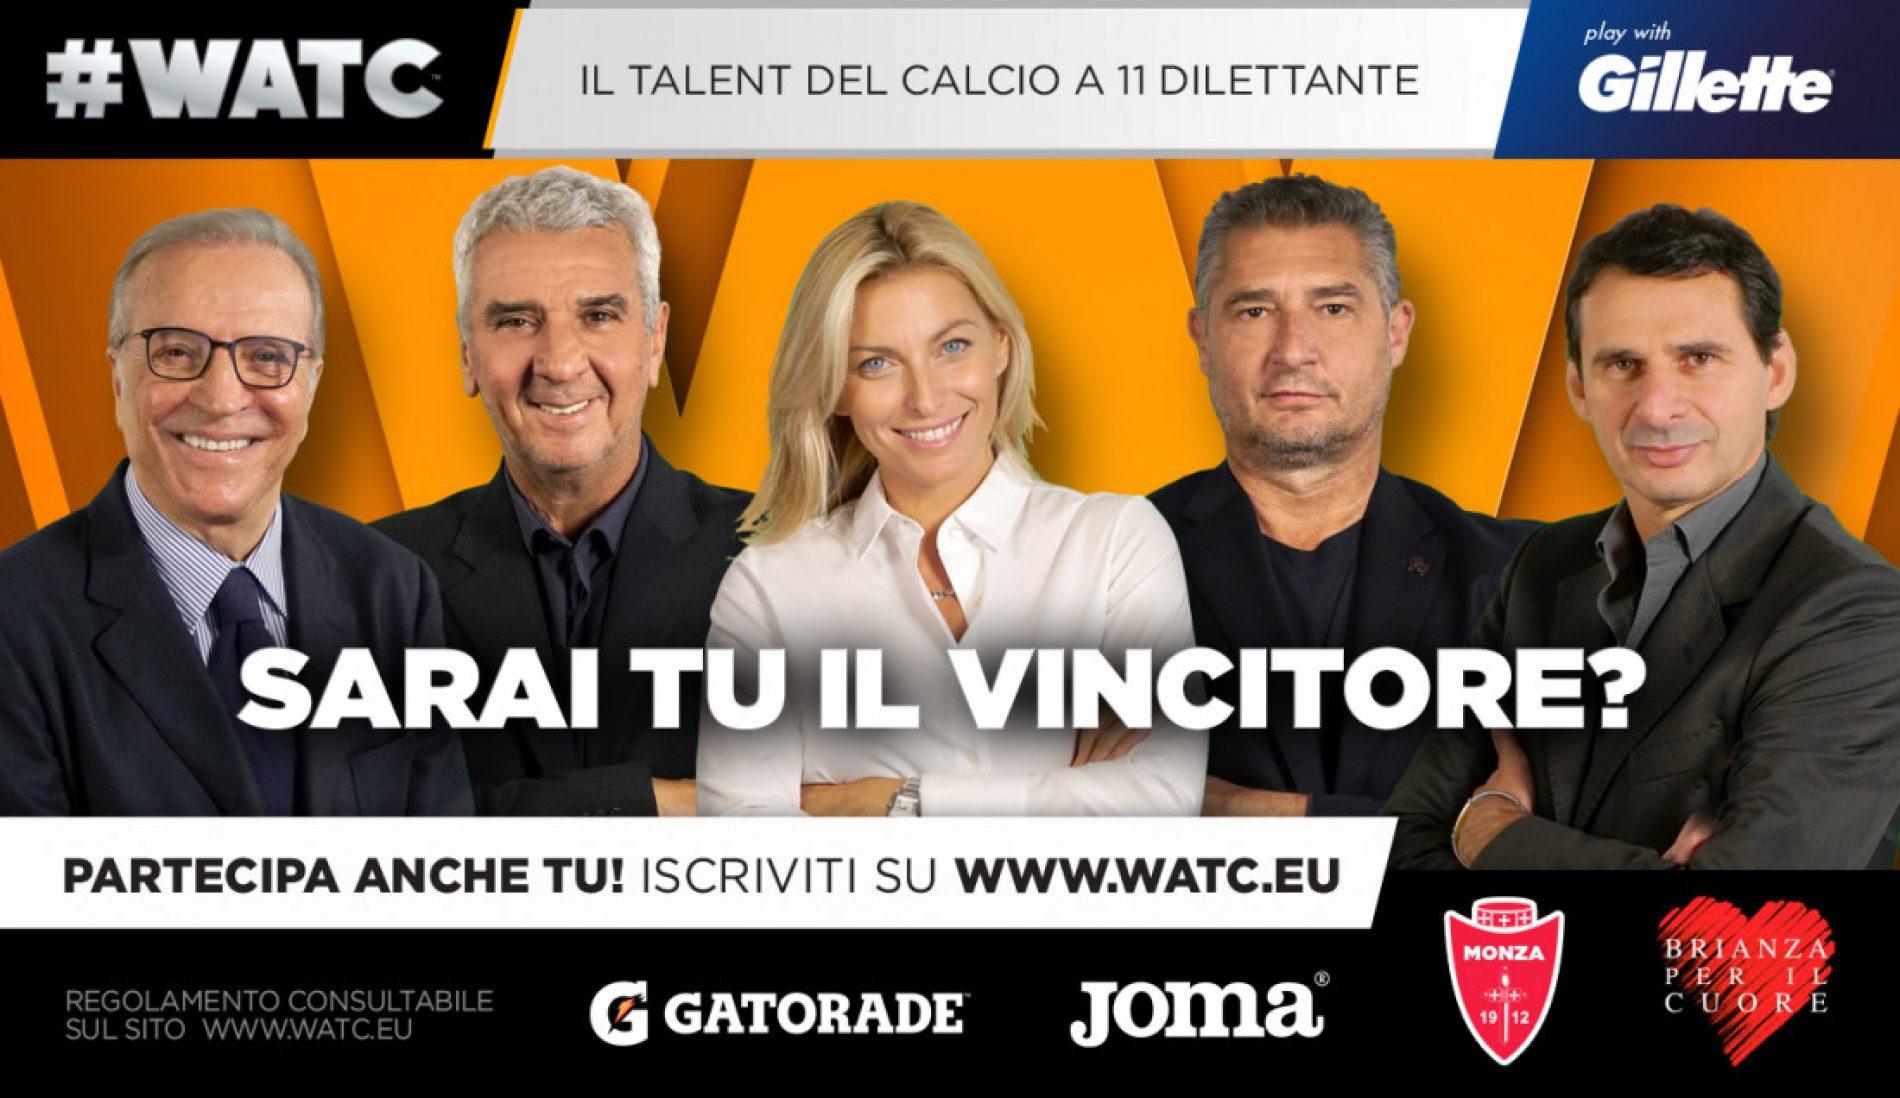 Parte #Watc, il Talent per i dilettanti  che sognano il calcio professionistico